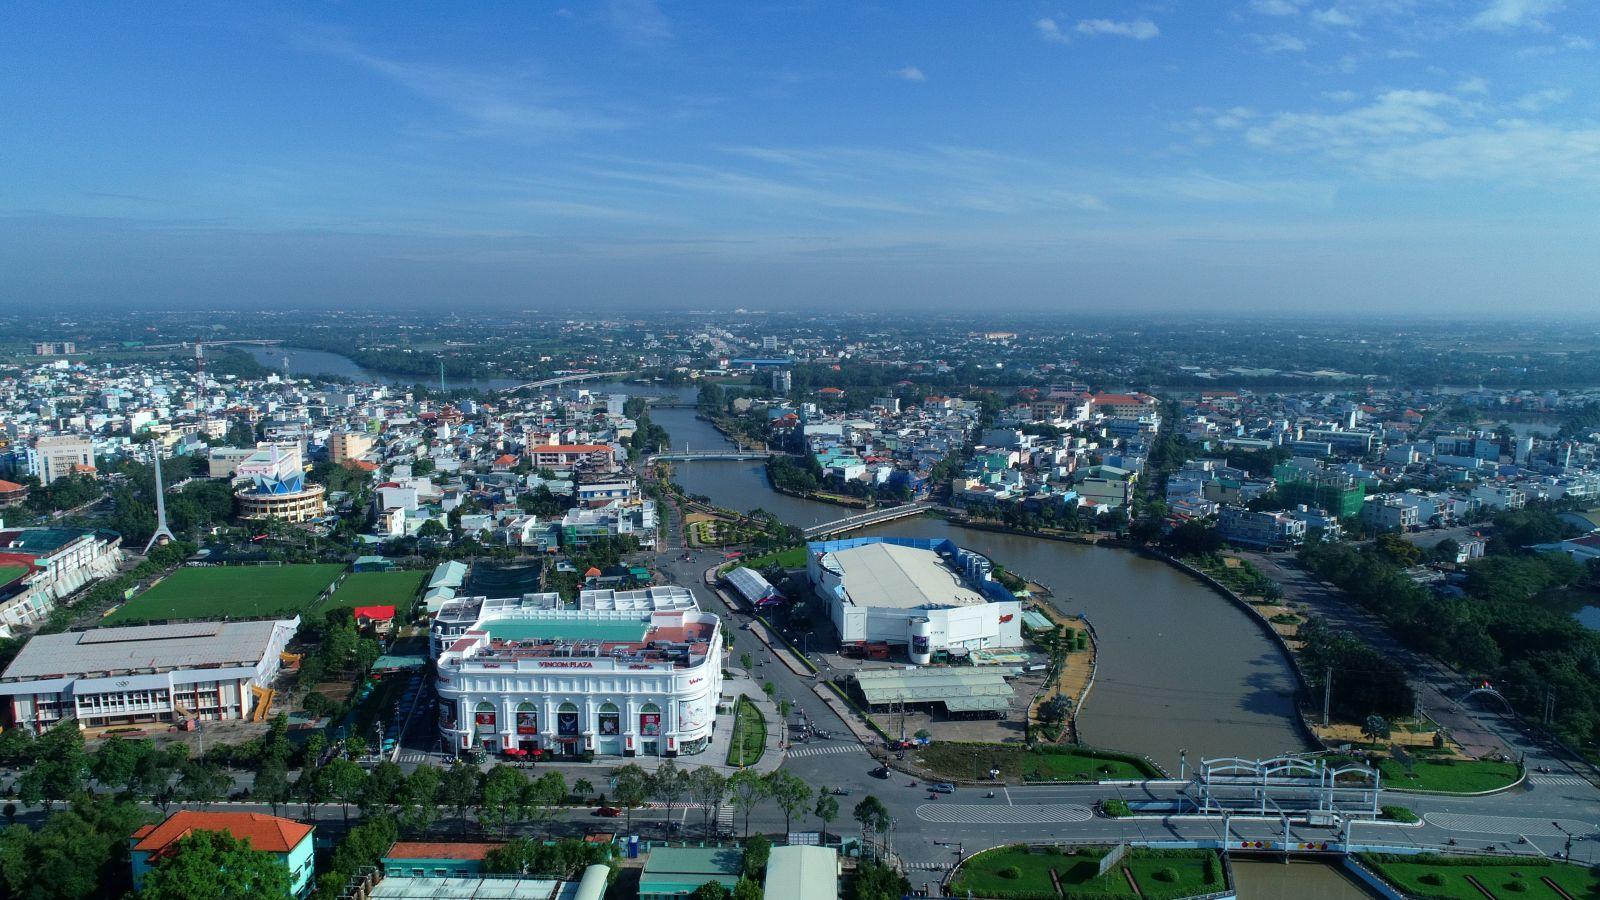 Thành phố Tân An nhìn từ trên cao